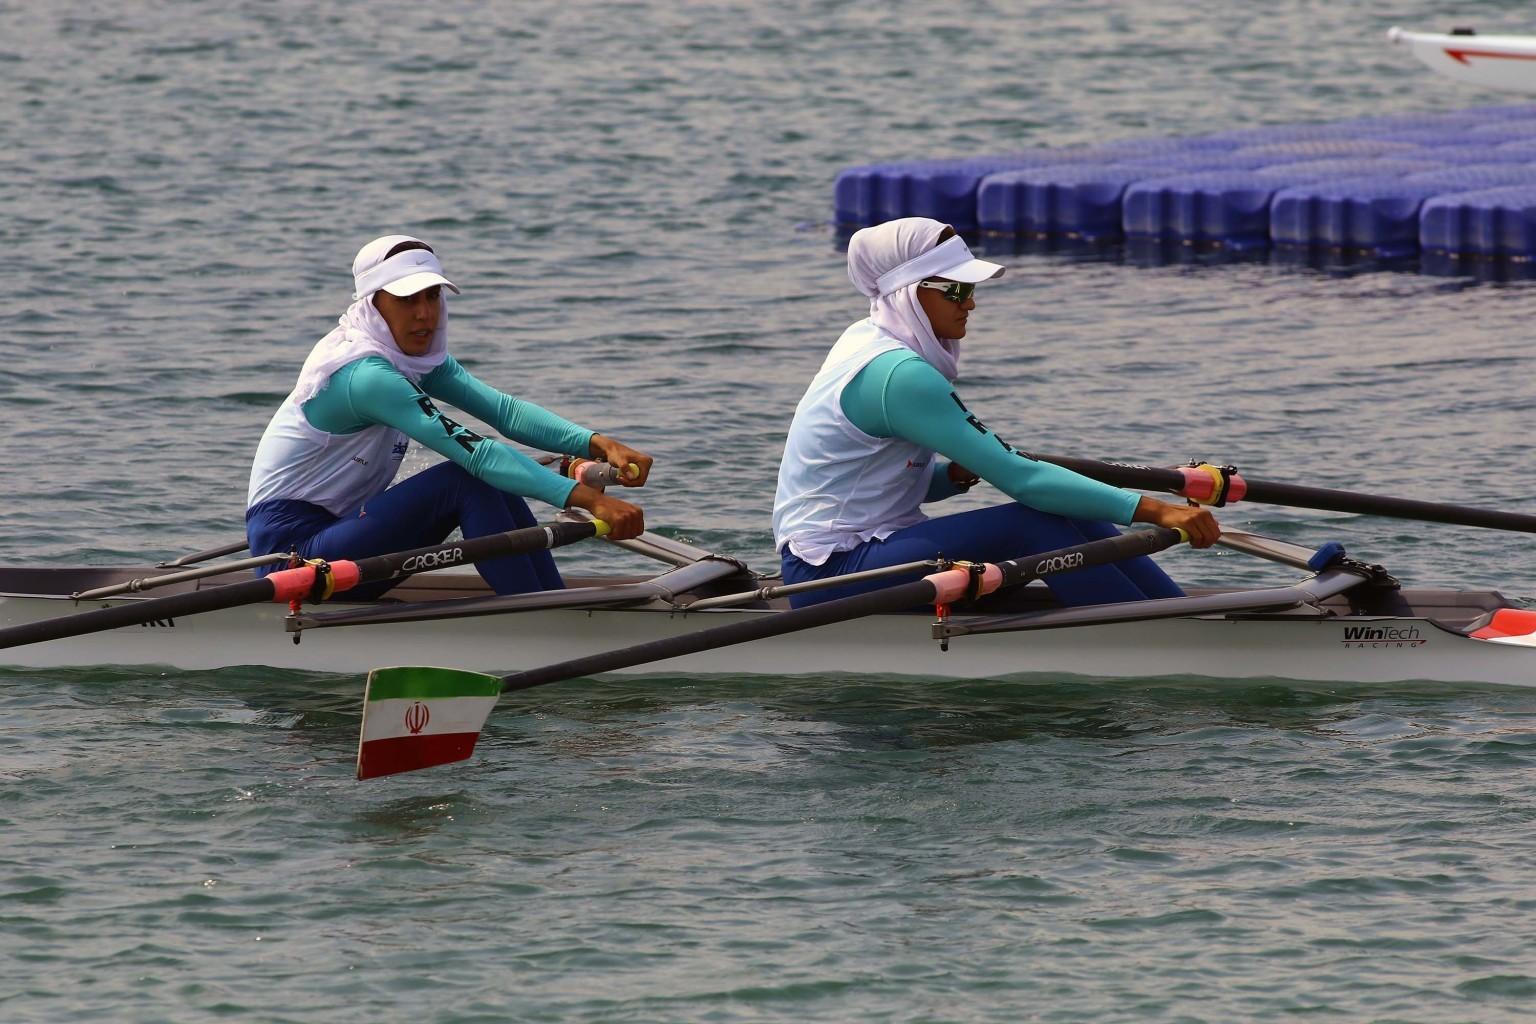 برنز بر گردن پریسا احمدی و مریم کرمی ؛ دست جاور از مدال کوتاه ماند